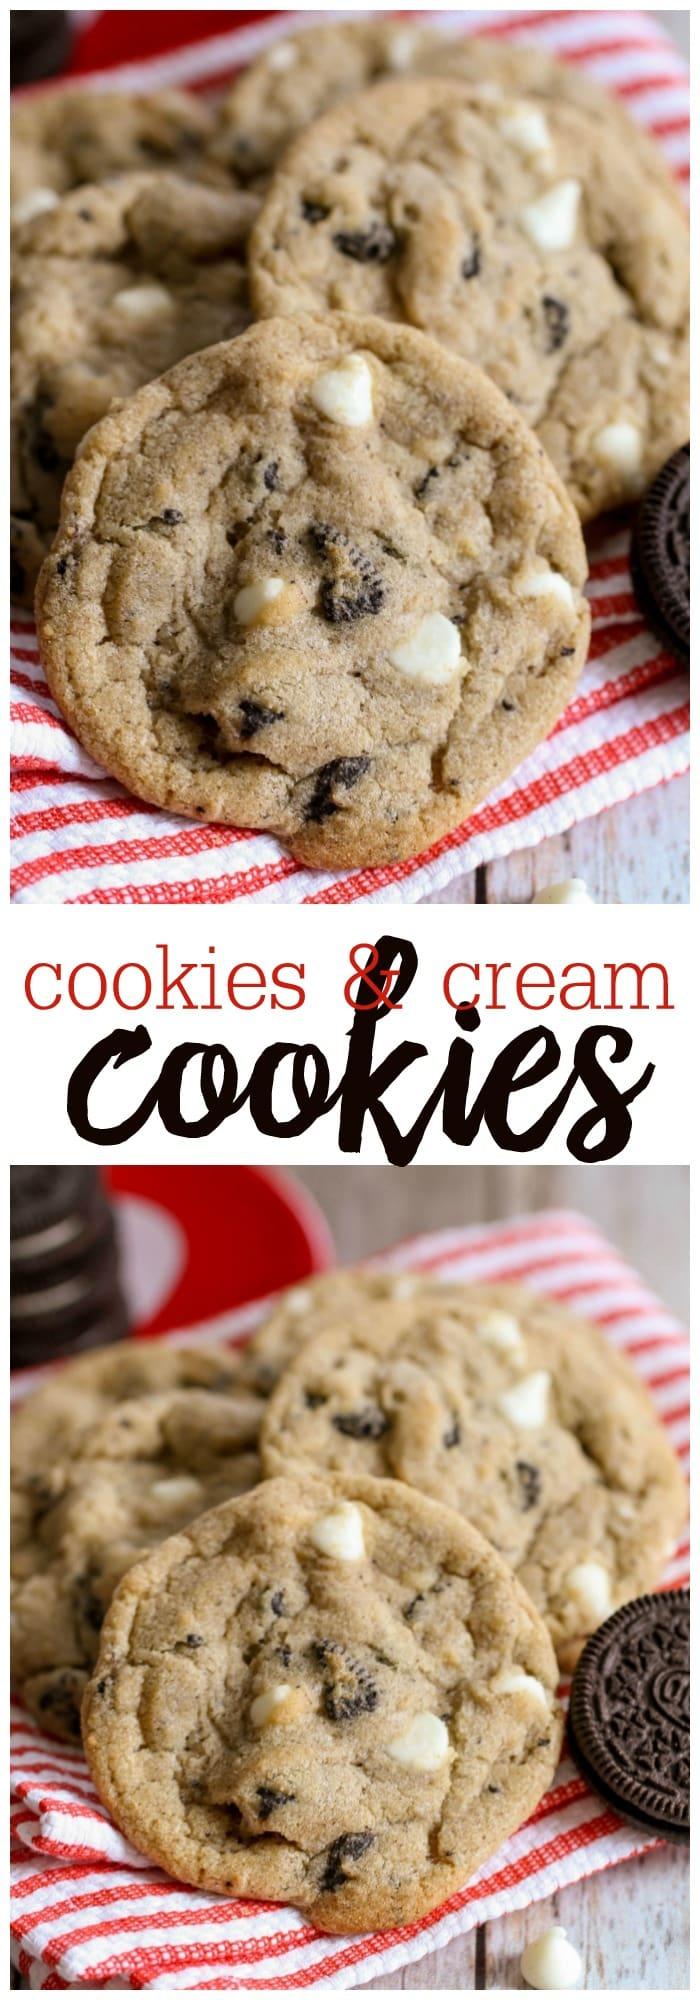 #cookiesncreamcookies #oreocookies #whitechocolatechipcookies #cookierecipes #cookies